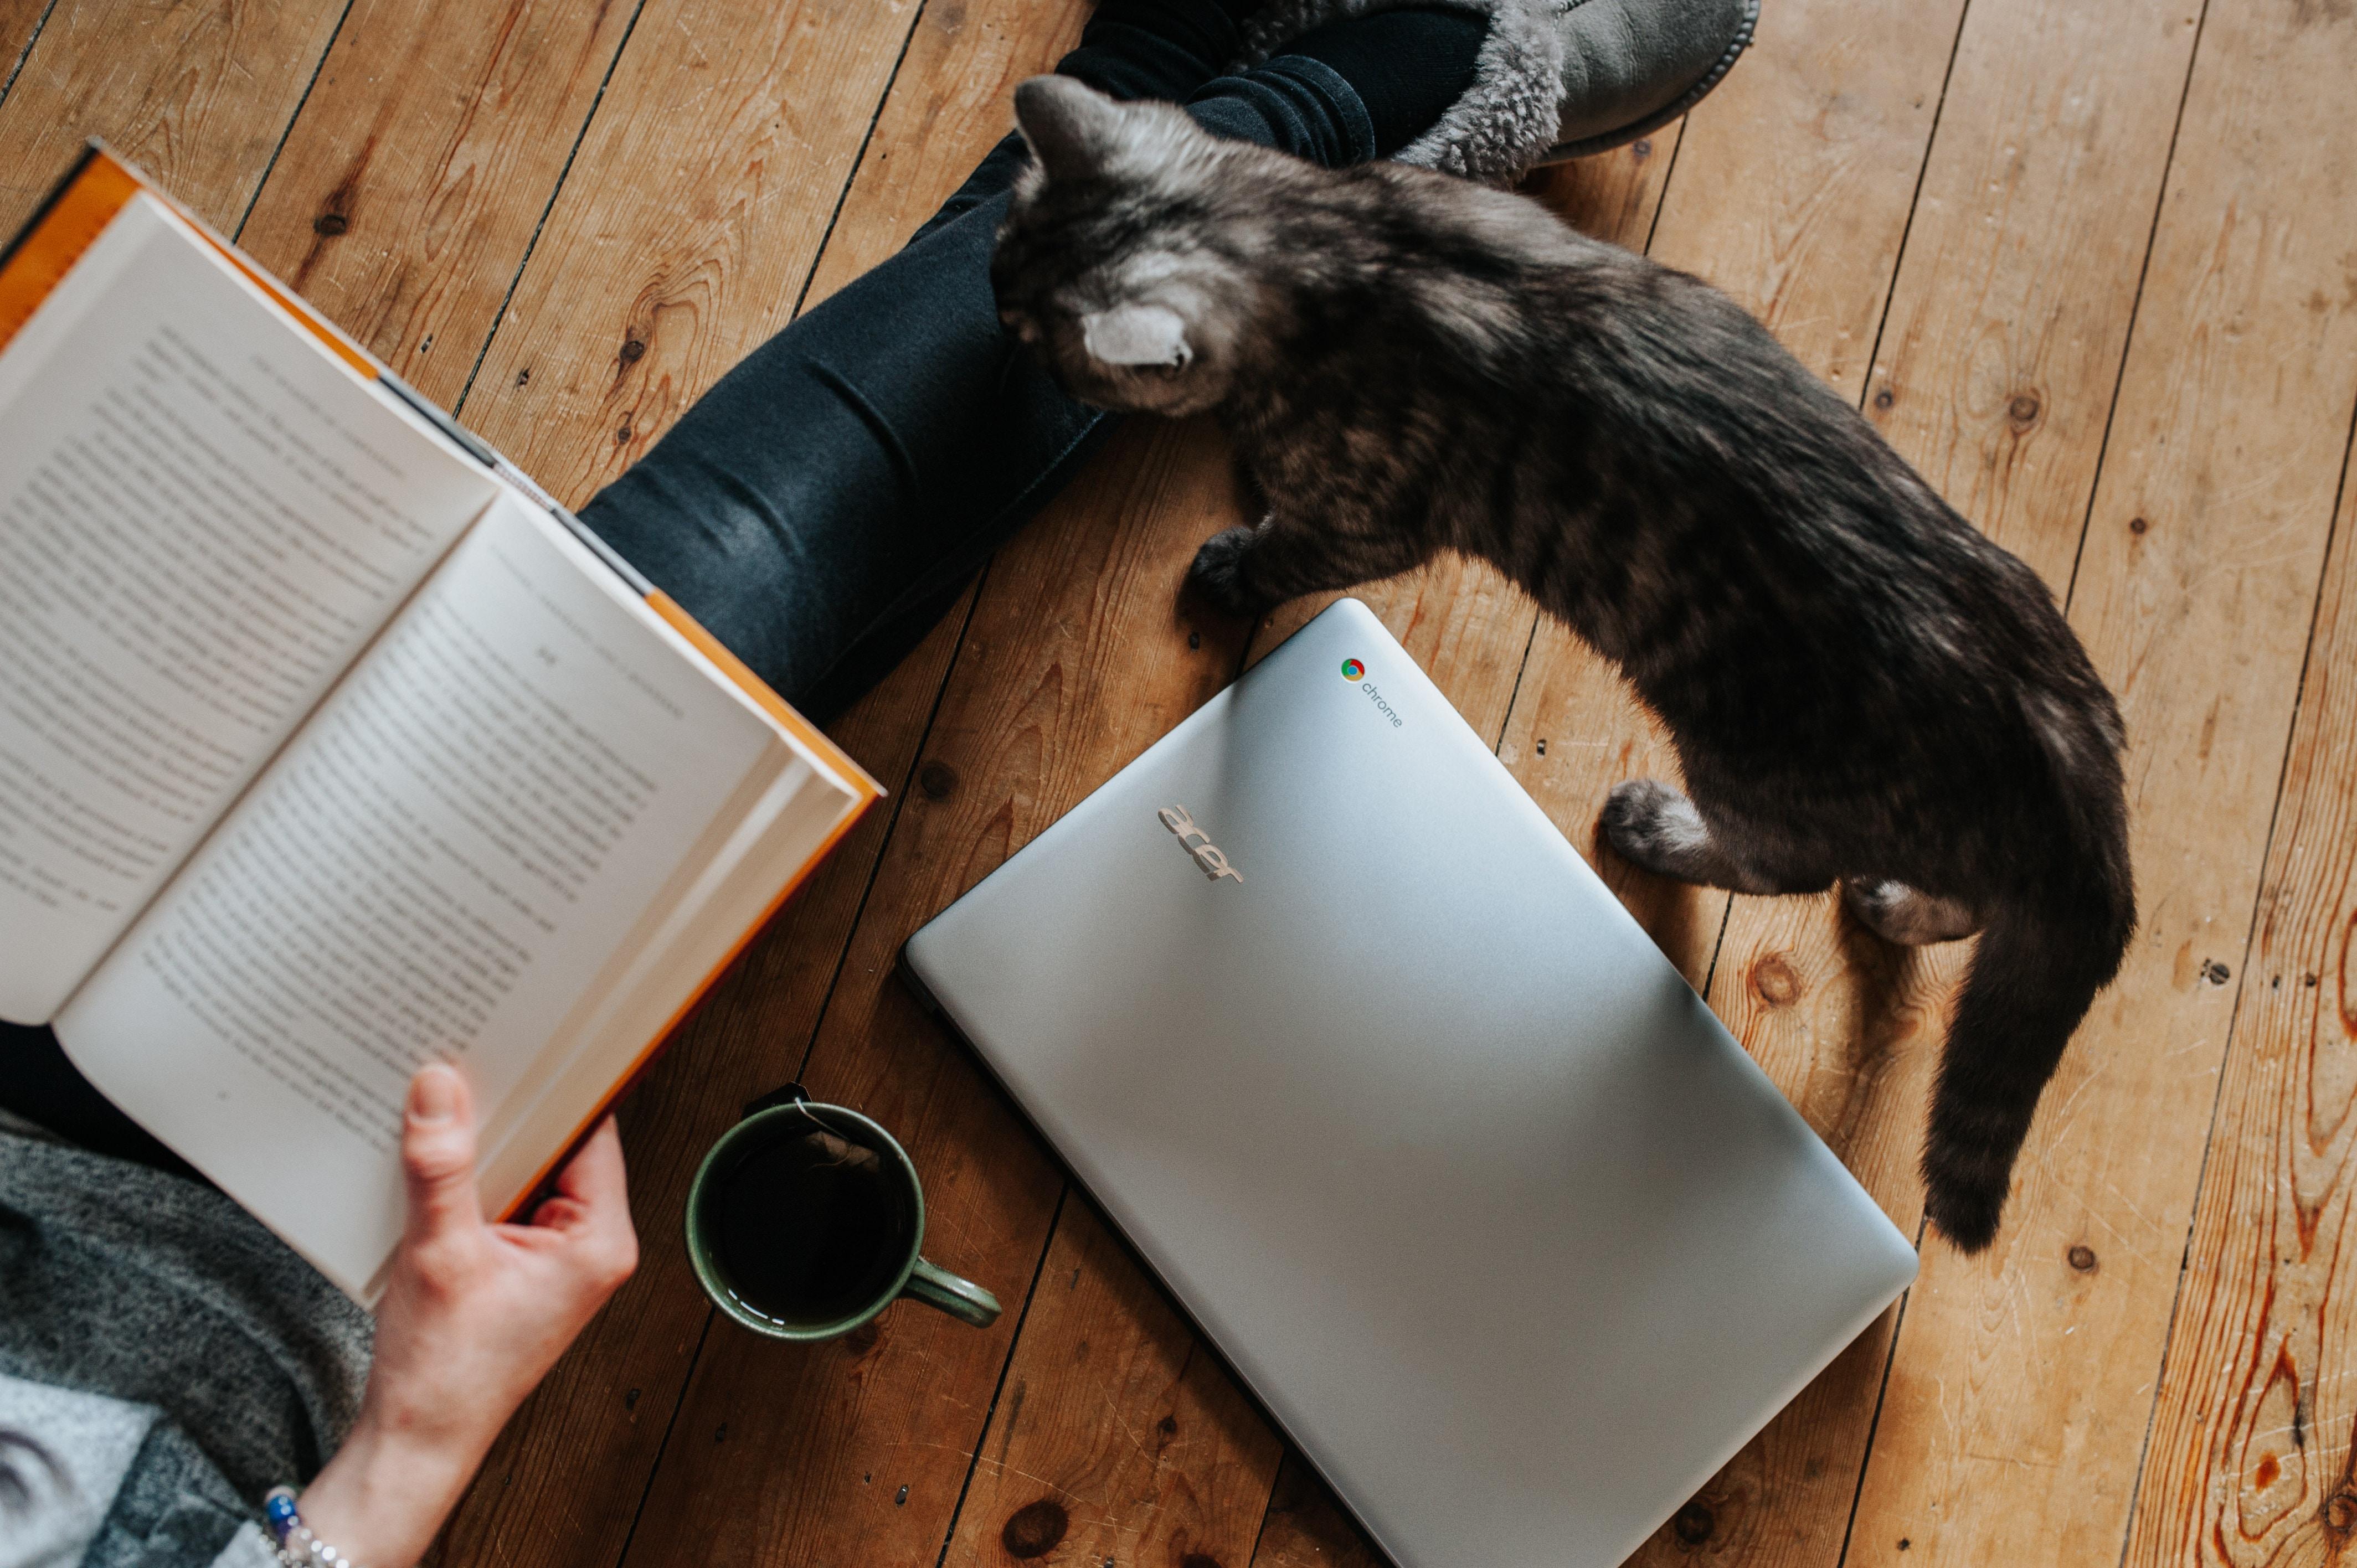 Lesende Person mit Buch, Laptop und Kaffee sitzt auf dem Boden, Katze steht daneben